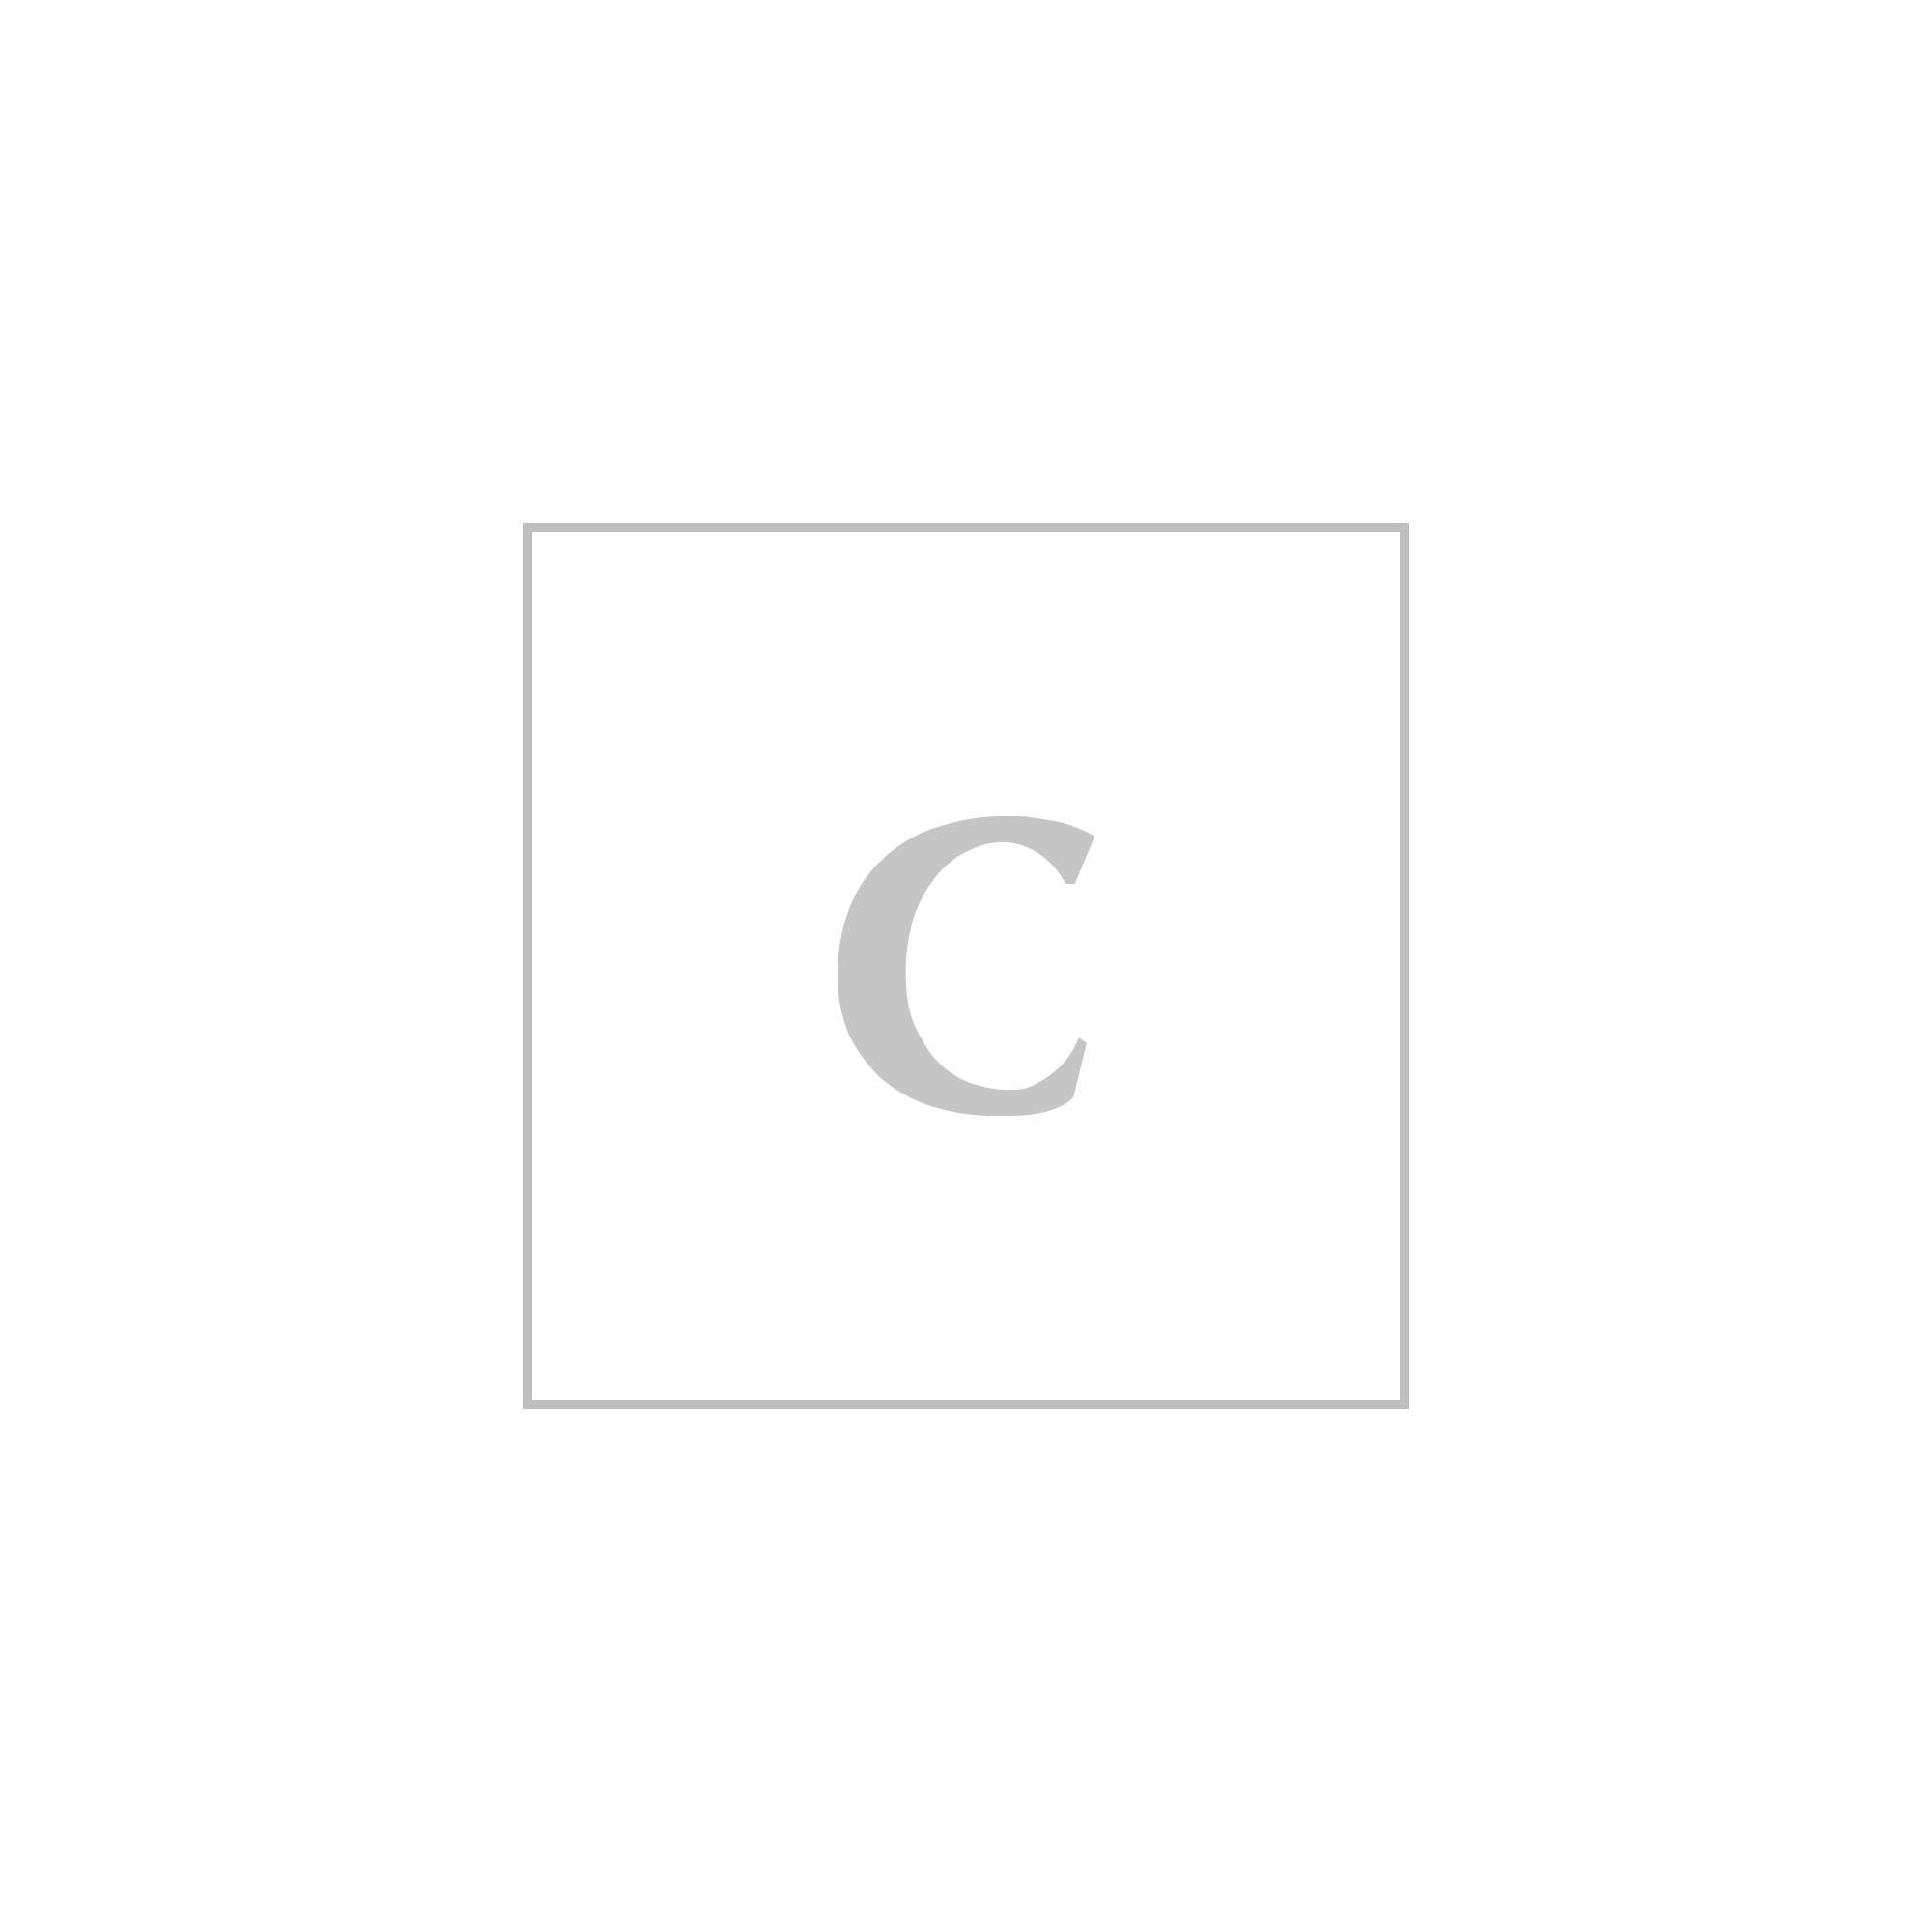 Dolce & gabbana calfskin pouch